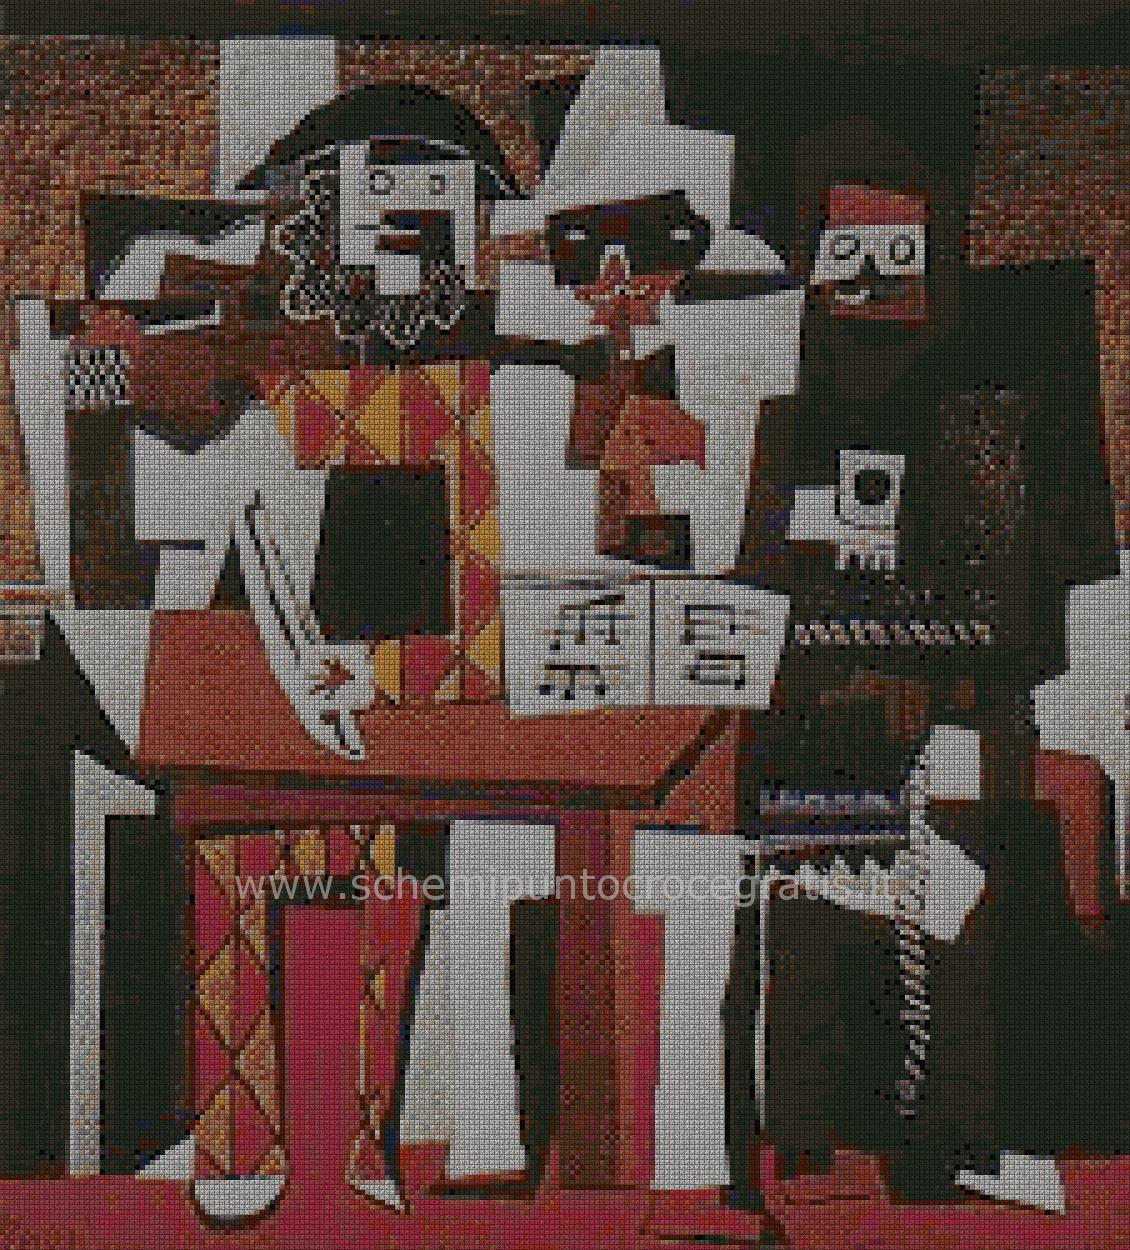 pittori_moderni/picasso/Picasso37.jpg